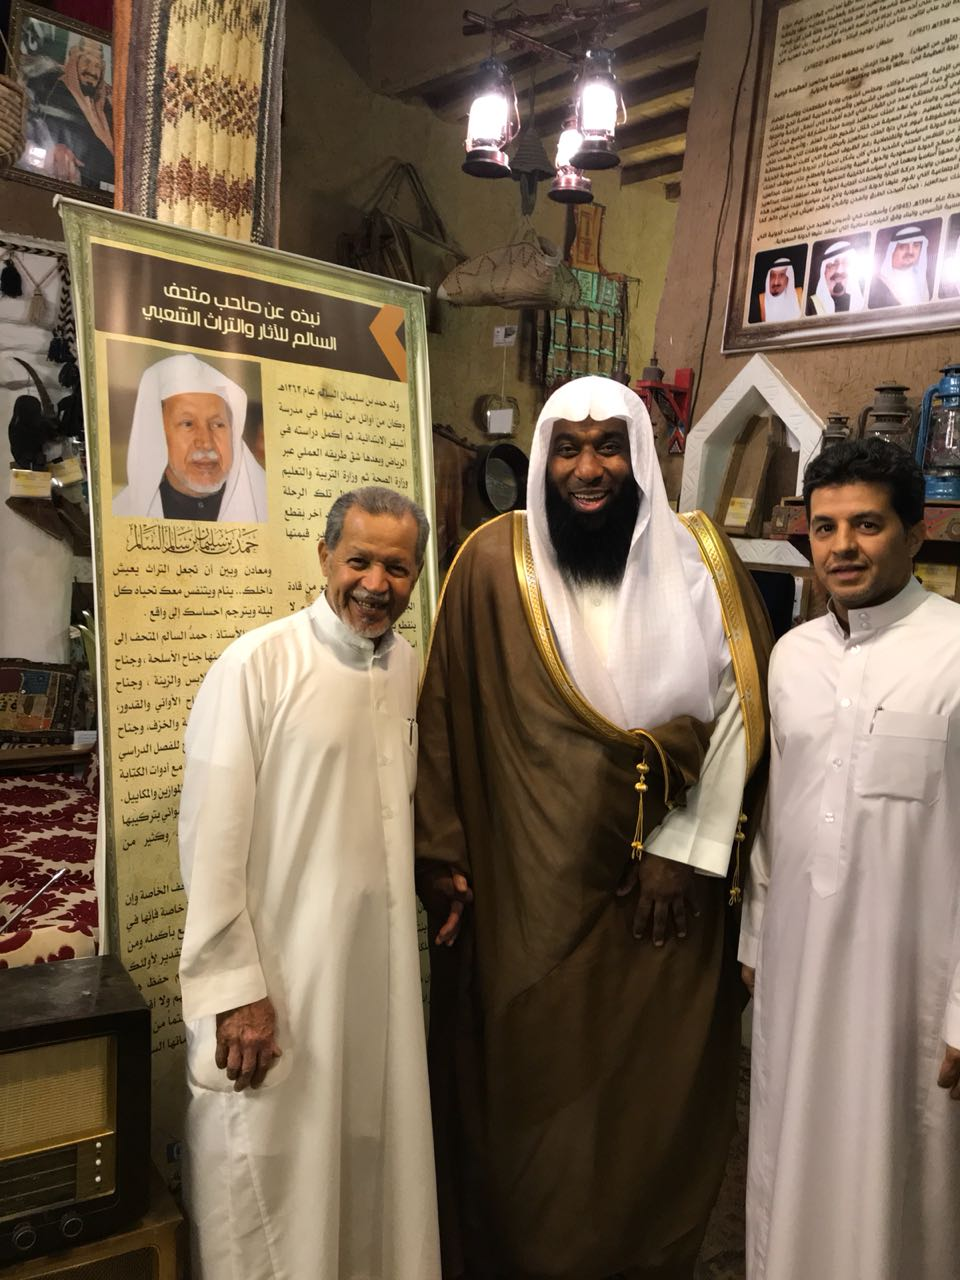 """صورة زيارة الشيخ """"المشاري"""" لمتحف السالم في القرية التراثية بأشيقر"""